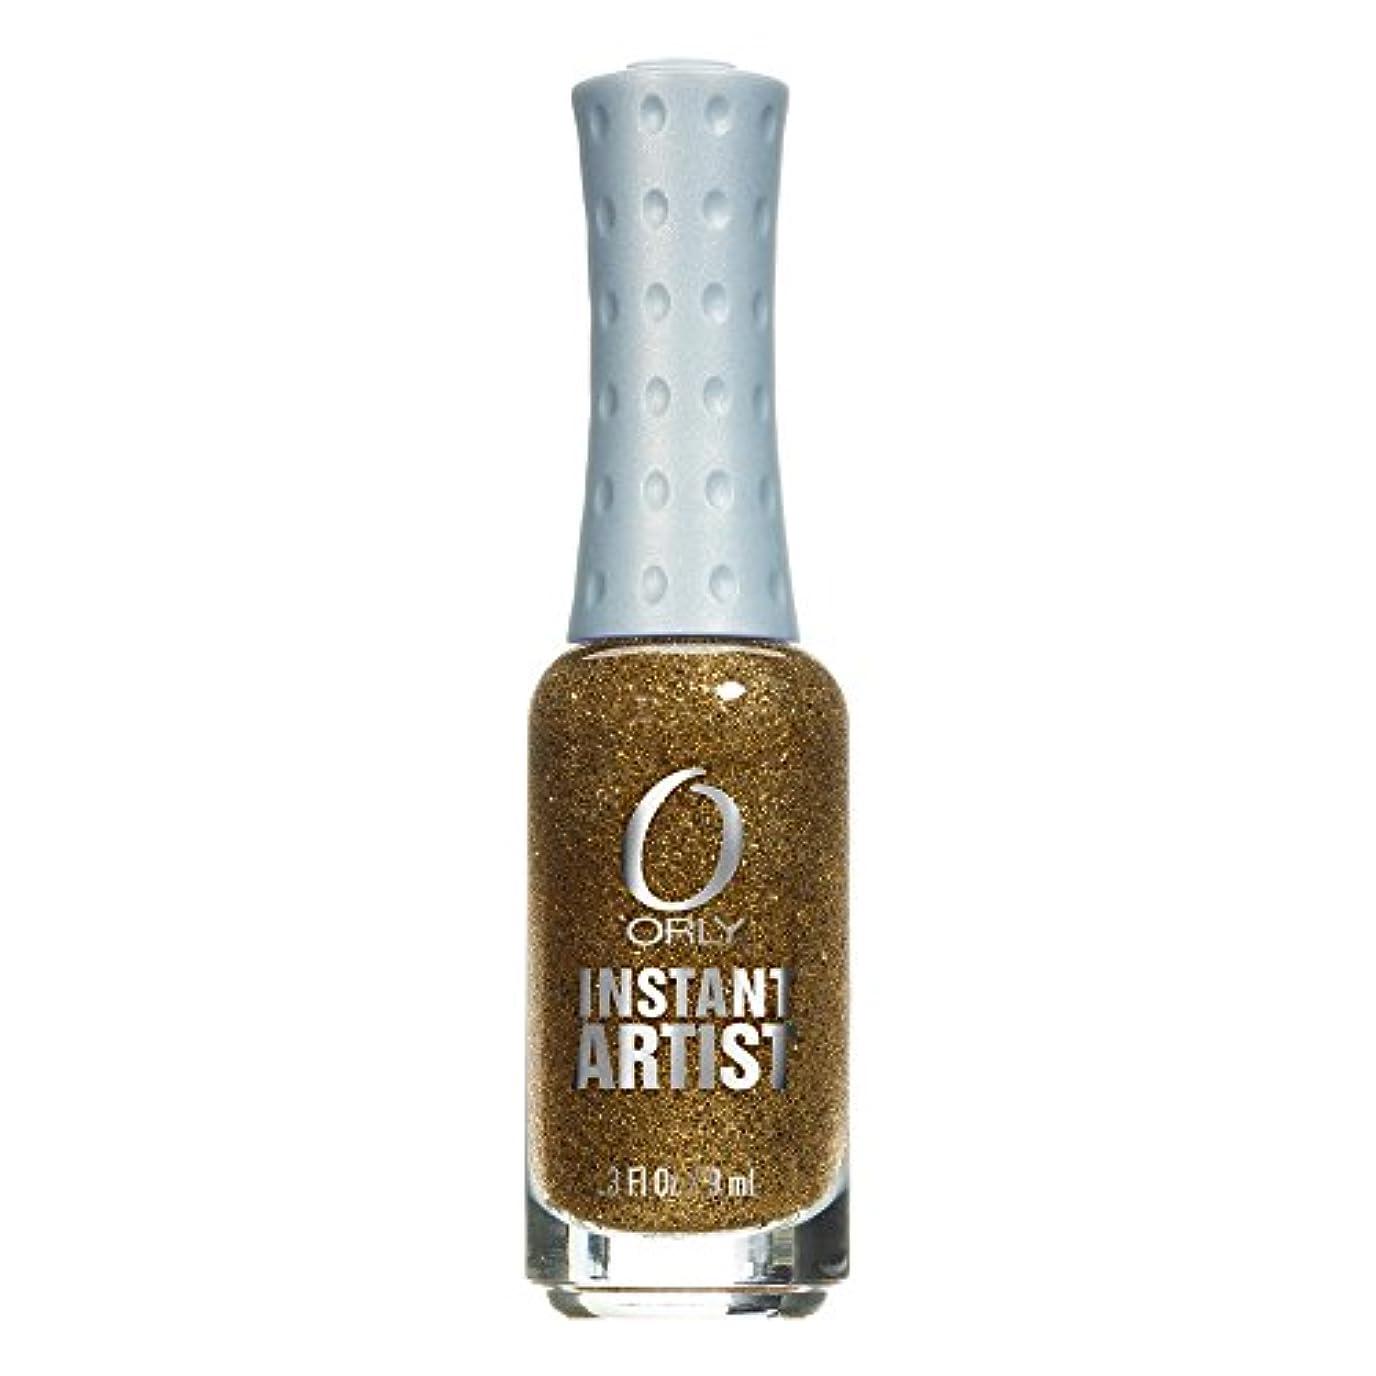 高音く国ORLY(オーリー) インスタントアーティスト 9mL (24Kグリッター)